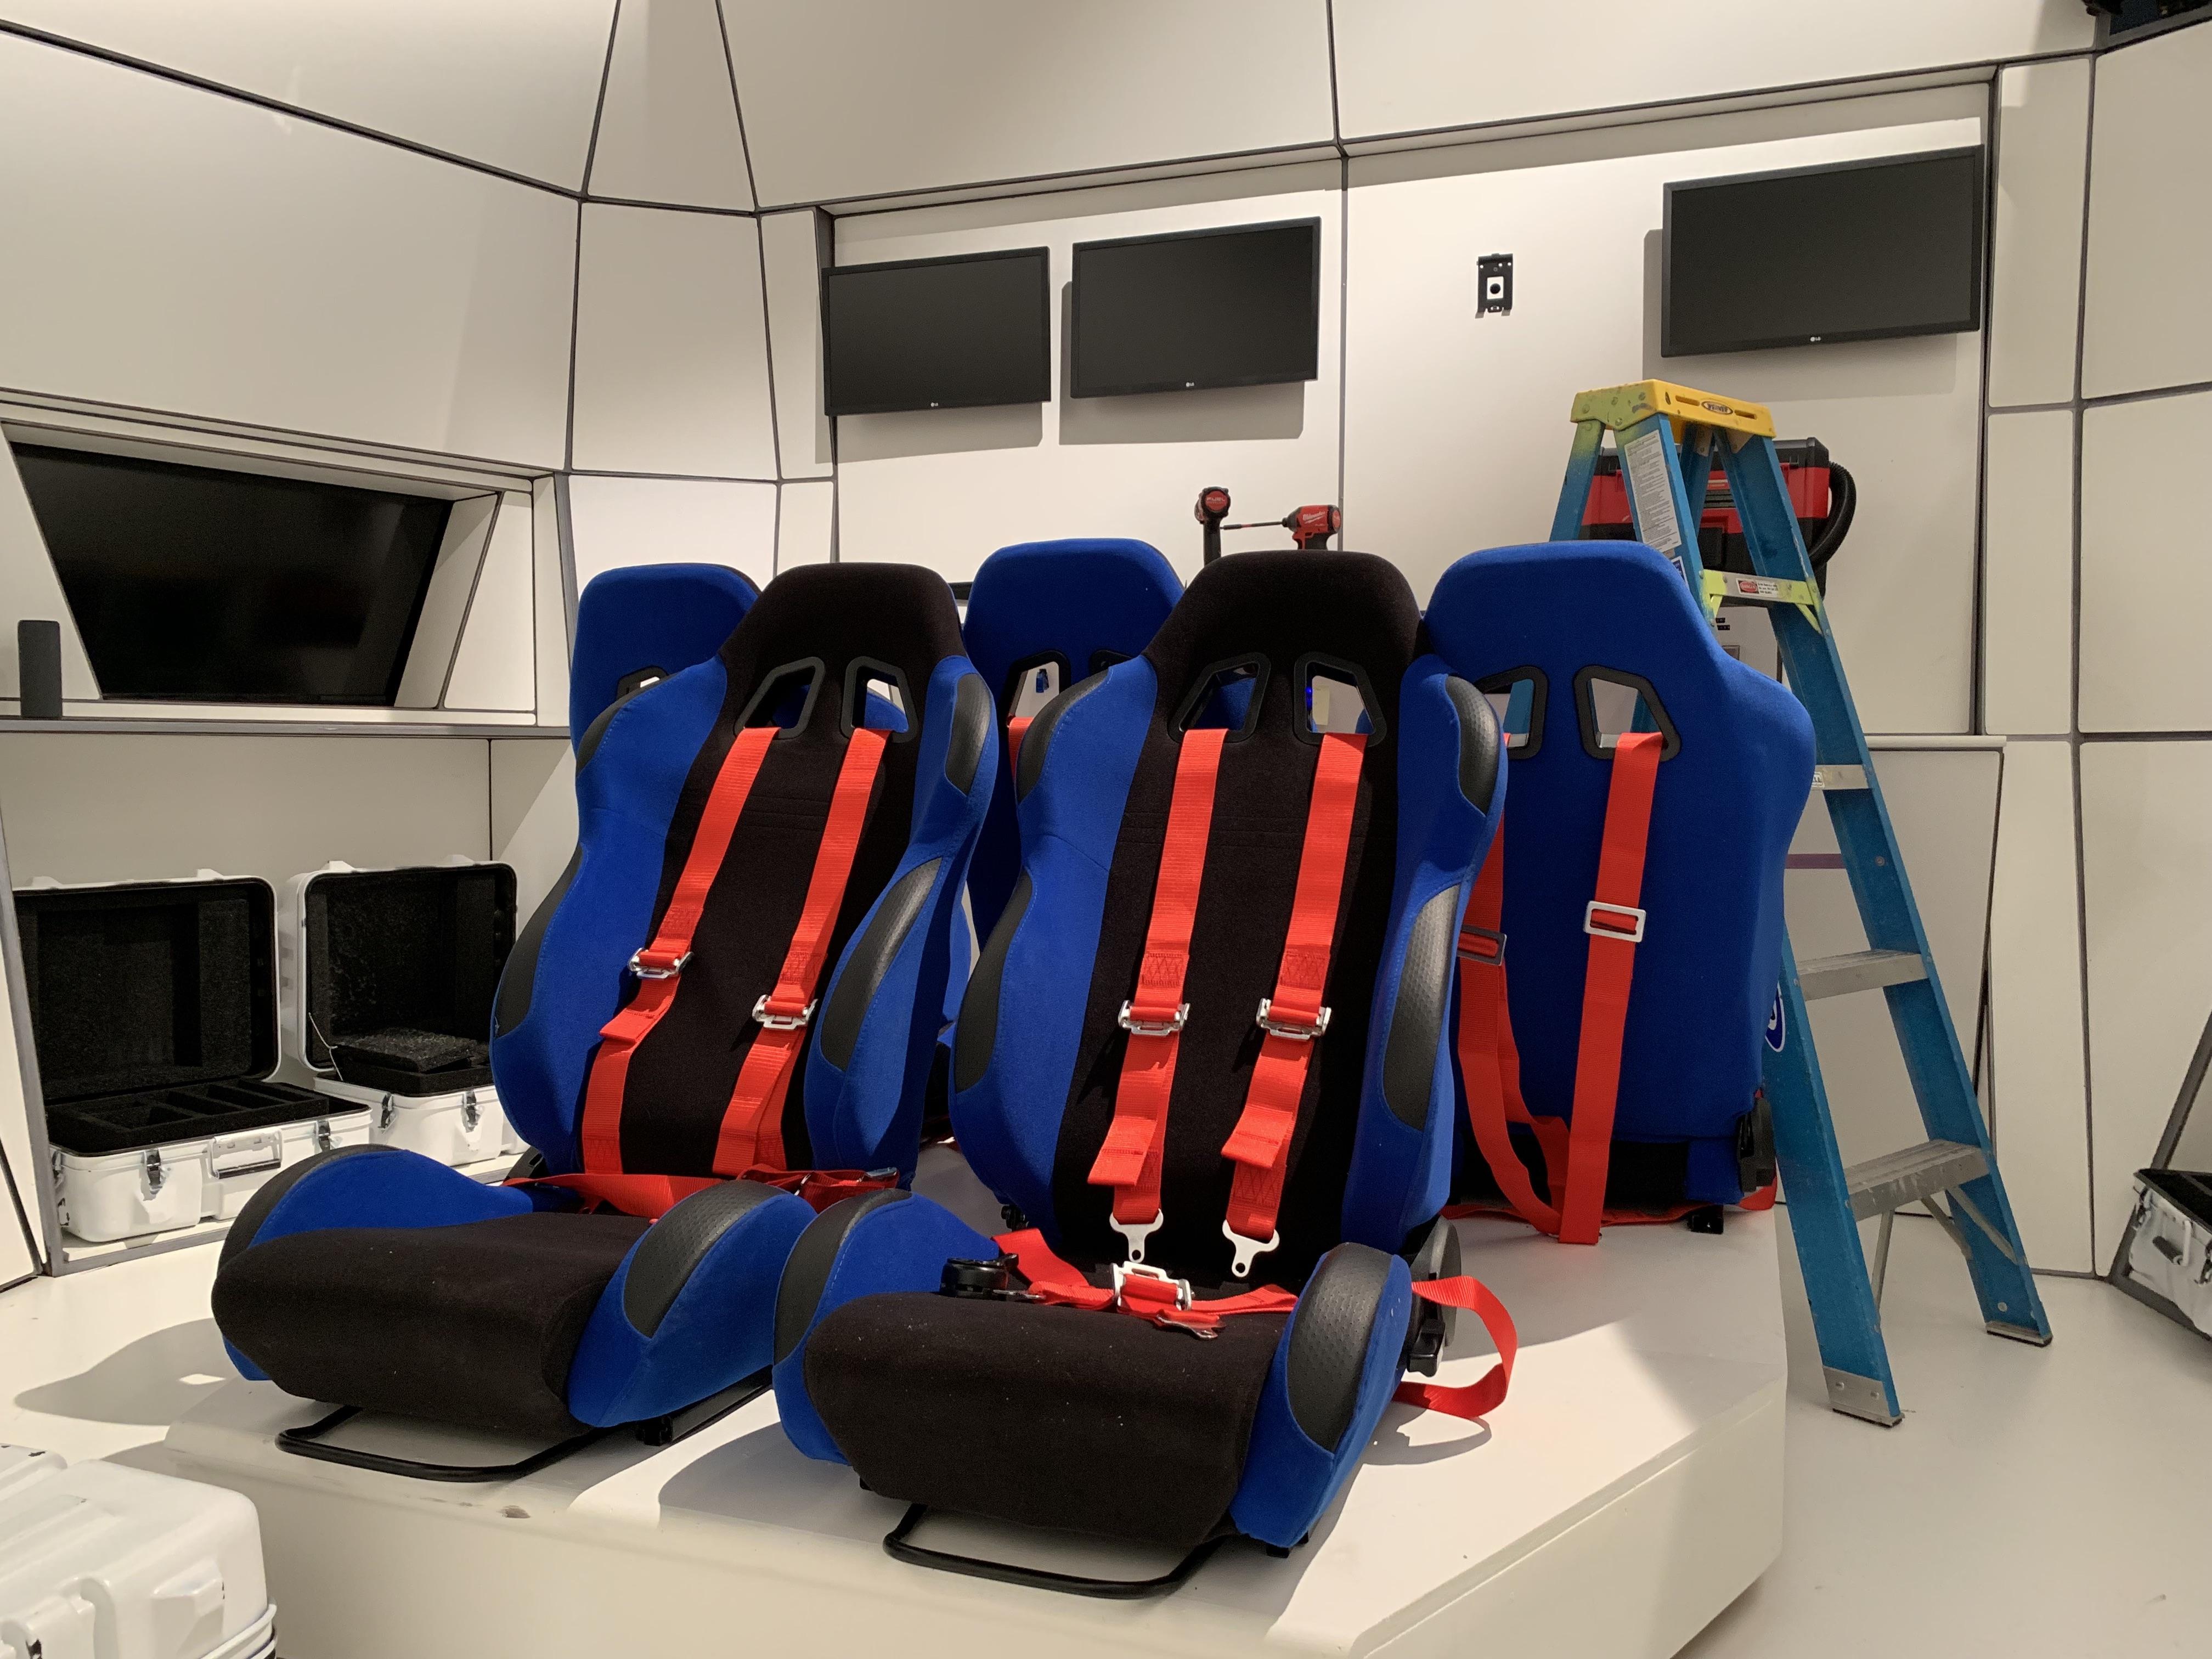 WGBH escape lab set